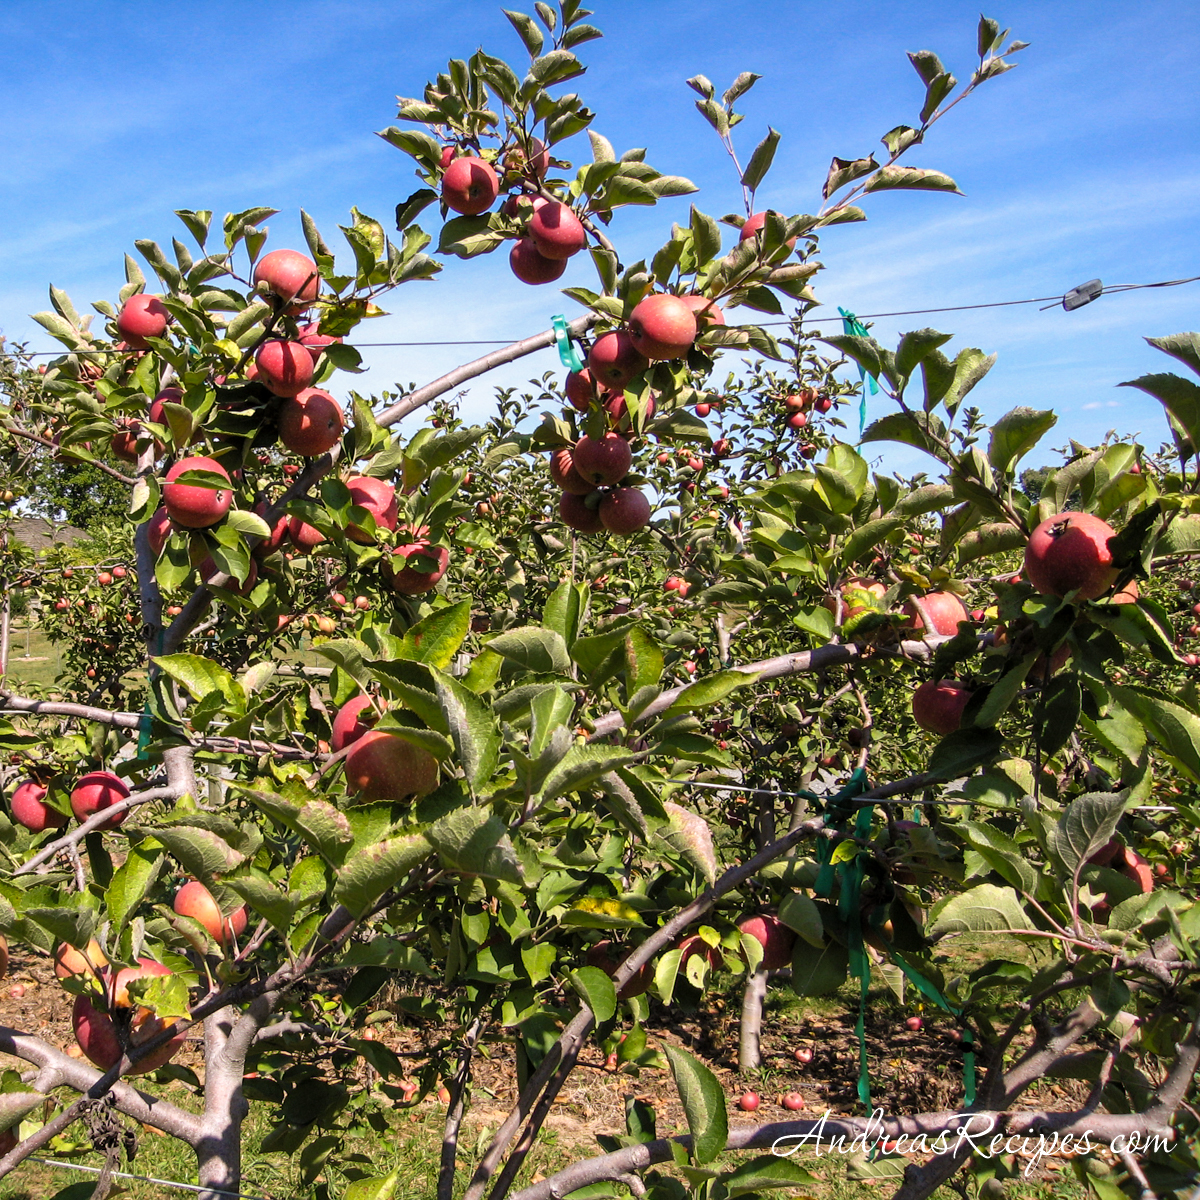 Tarara Winery apples - Andrea Meyers